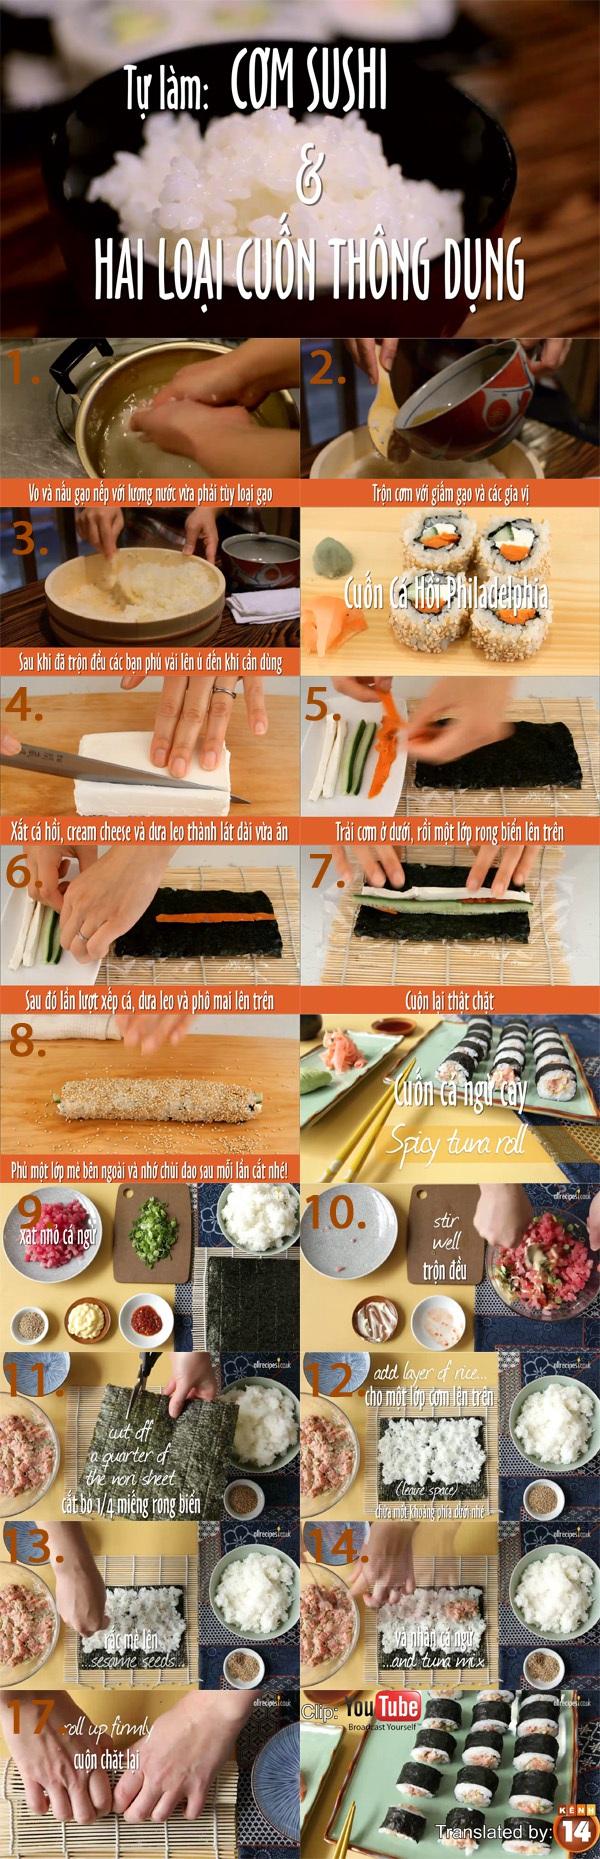 Cách làm cơm sushi và công thức 2 loại sushi ngon tuyệt 1